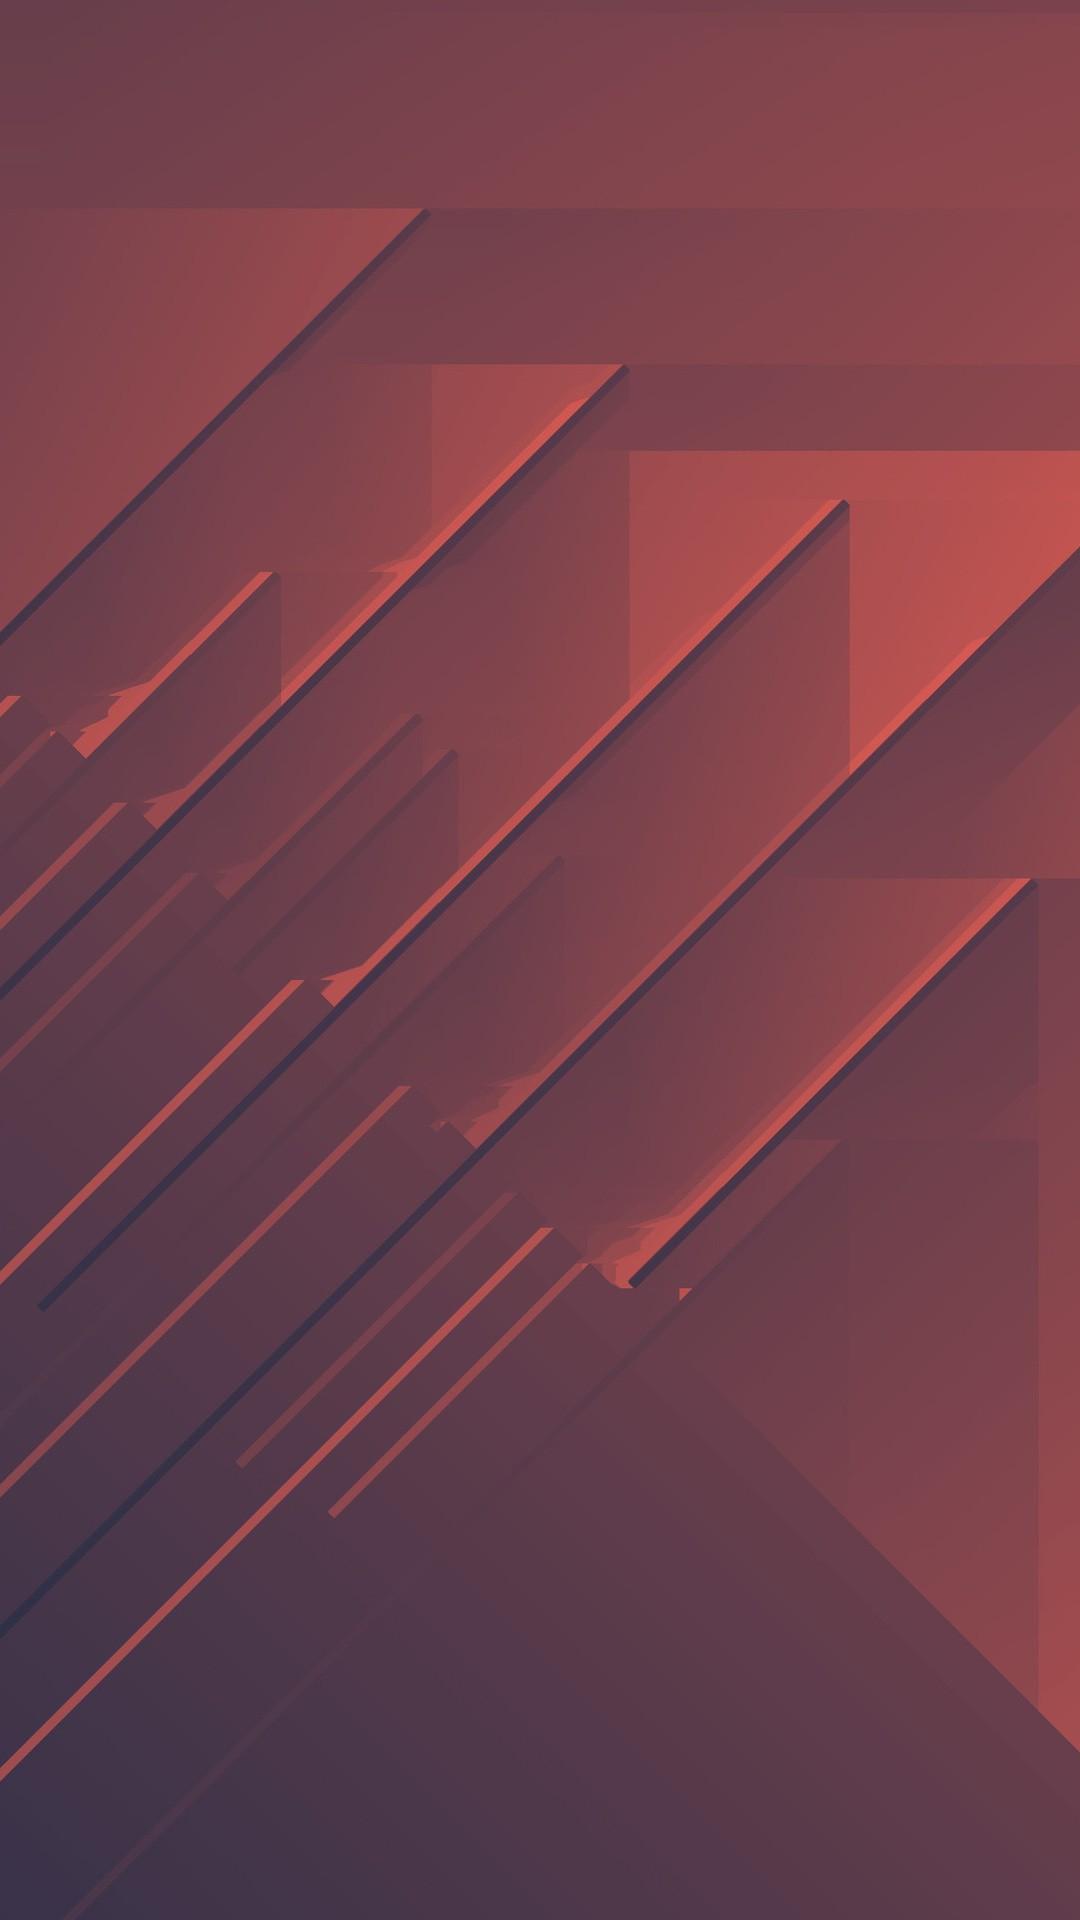 Gravity Falls Minimalist Wallpaper Abstract Minimalism Hd Io Wallpaper 1080x1920